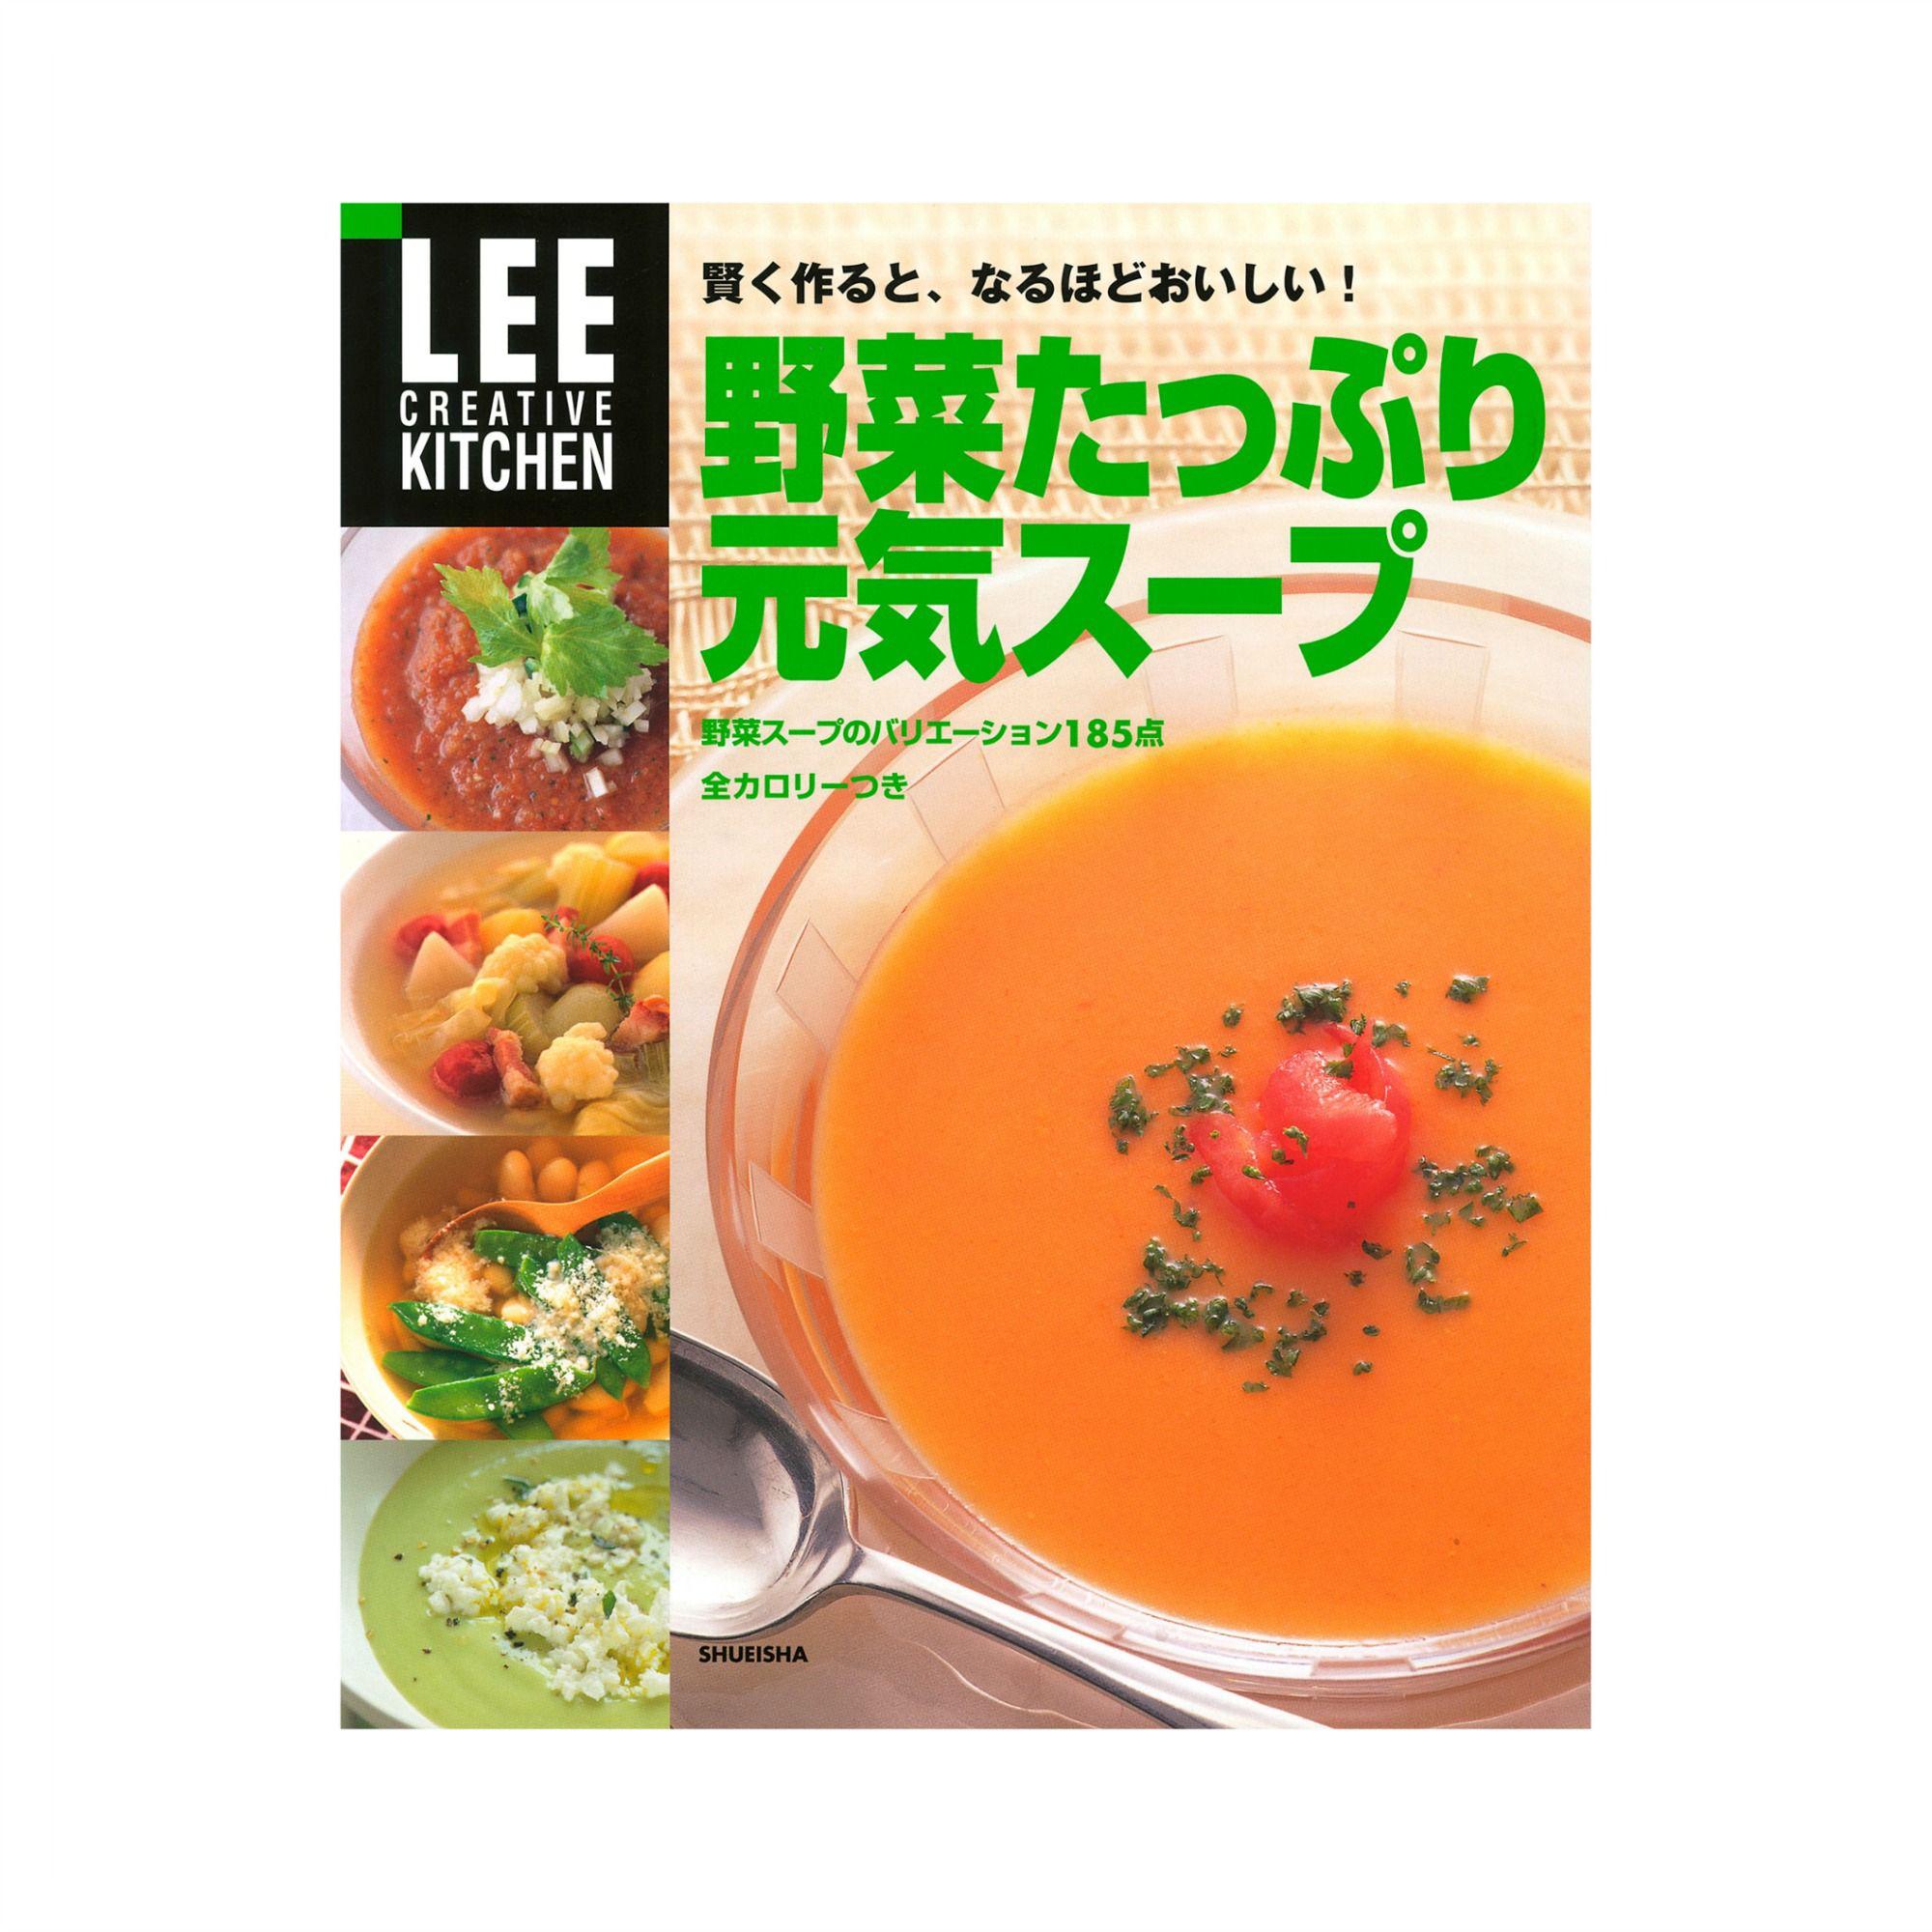 集英社 FLAGSHOPで買える「LEE CREATIVE KITCHEN 野菜たっぷり元気スープ」の画像です。価格は1,296円になります。